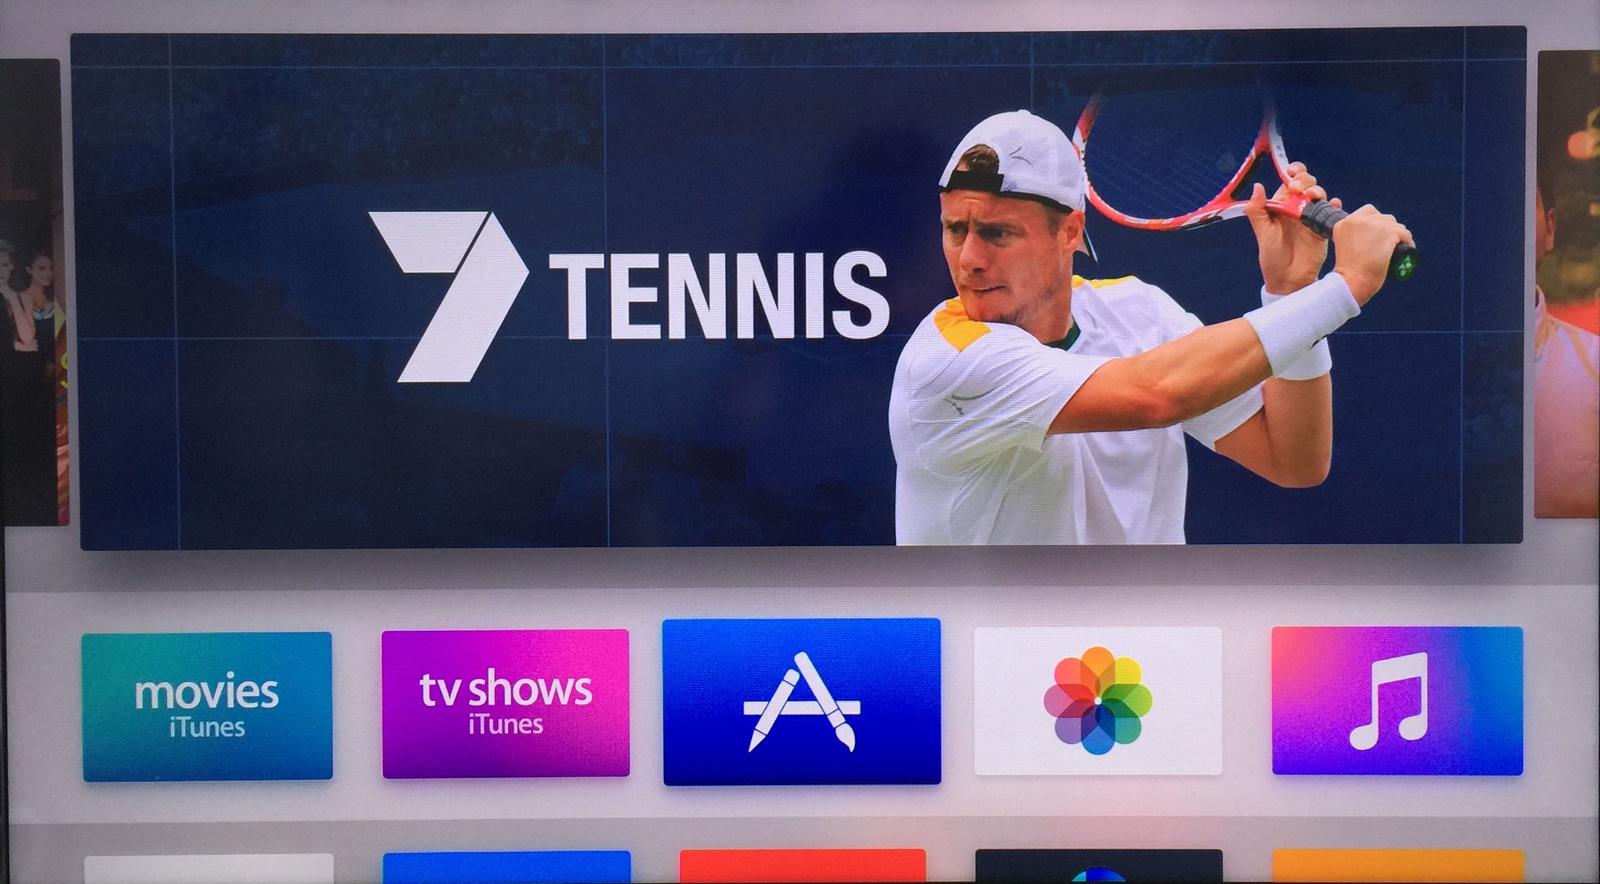 7Tennis Australian Open new Apple TV